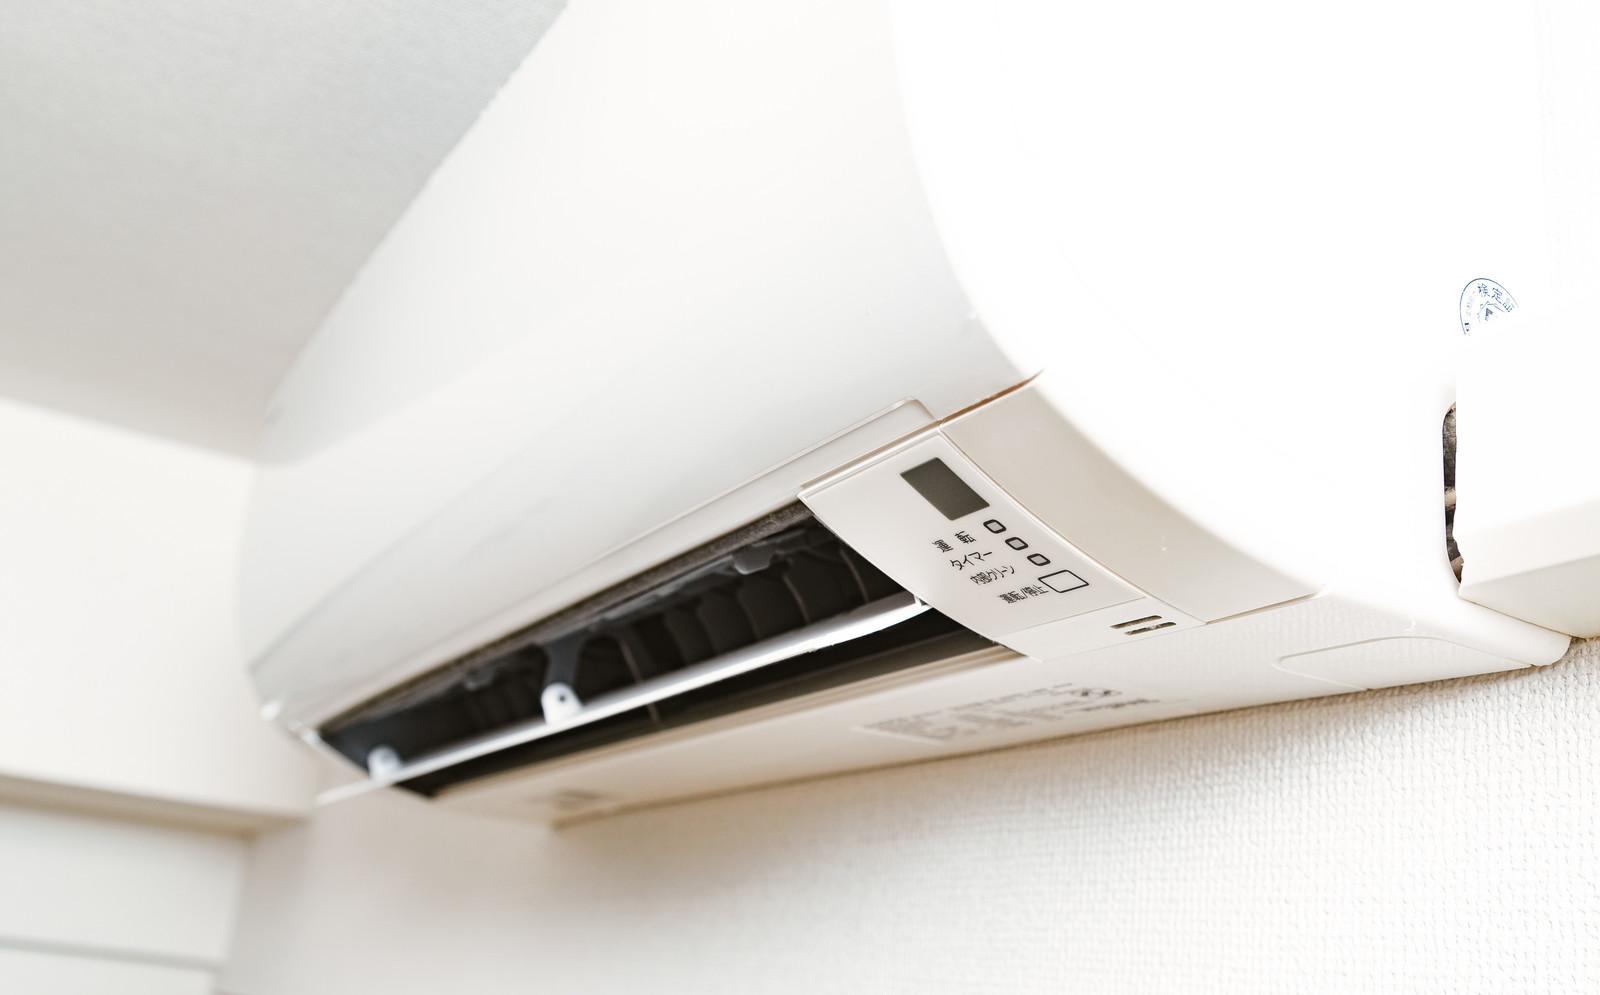 エアコンの機能「冷房(クーラー)」と「除湿(ドライ)」、どちらも涼しくなるけどどんな違いがあるの?